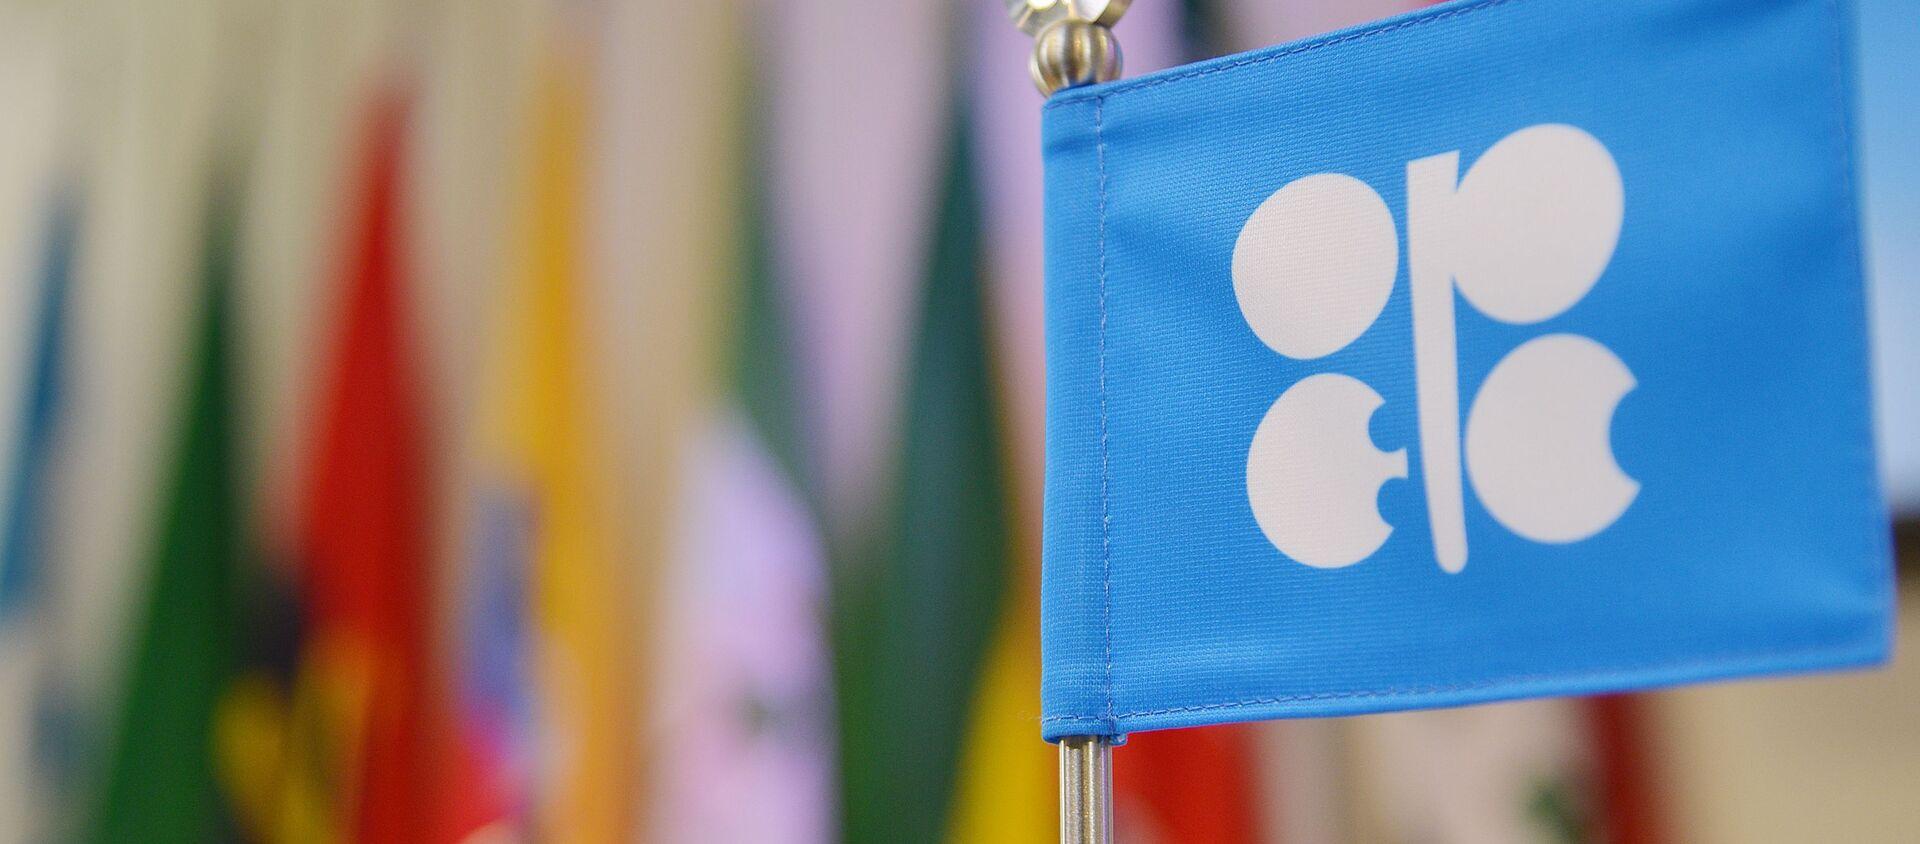 Flaga OPEC na posiedzeniu w Wiedniu - Sputnik Polska, 1920, 05.01.2021